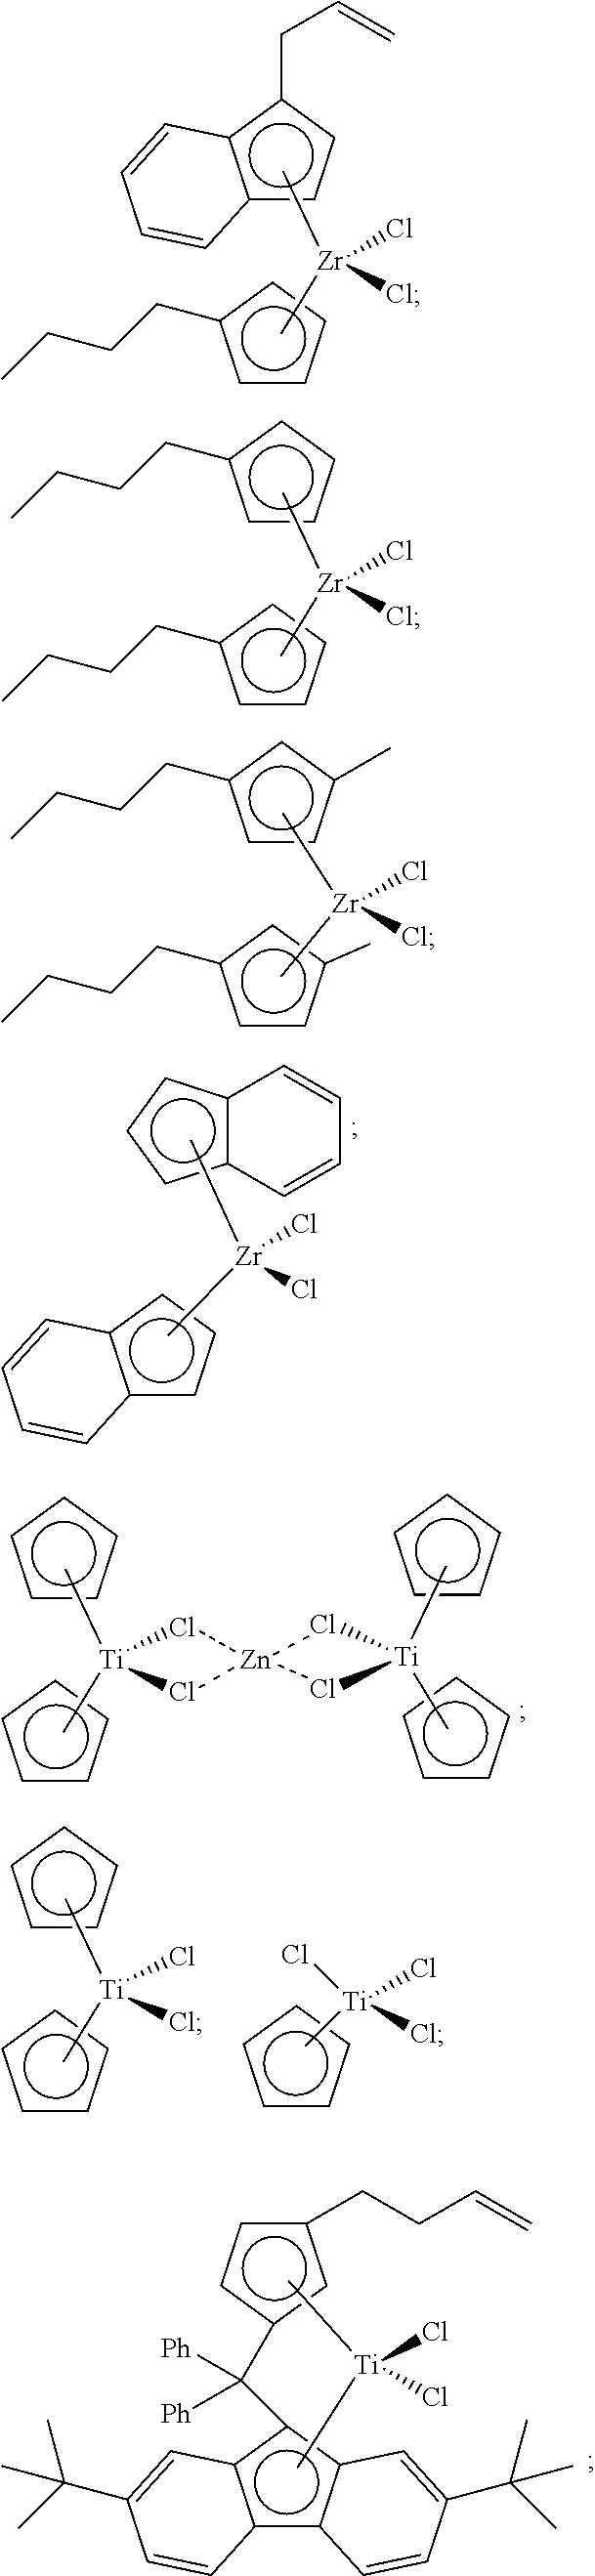 Figure US08501654-20130806-C00055